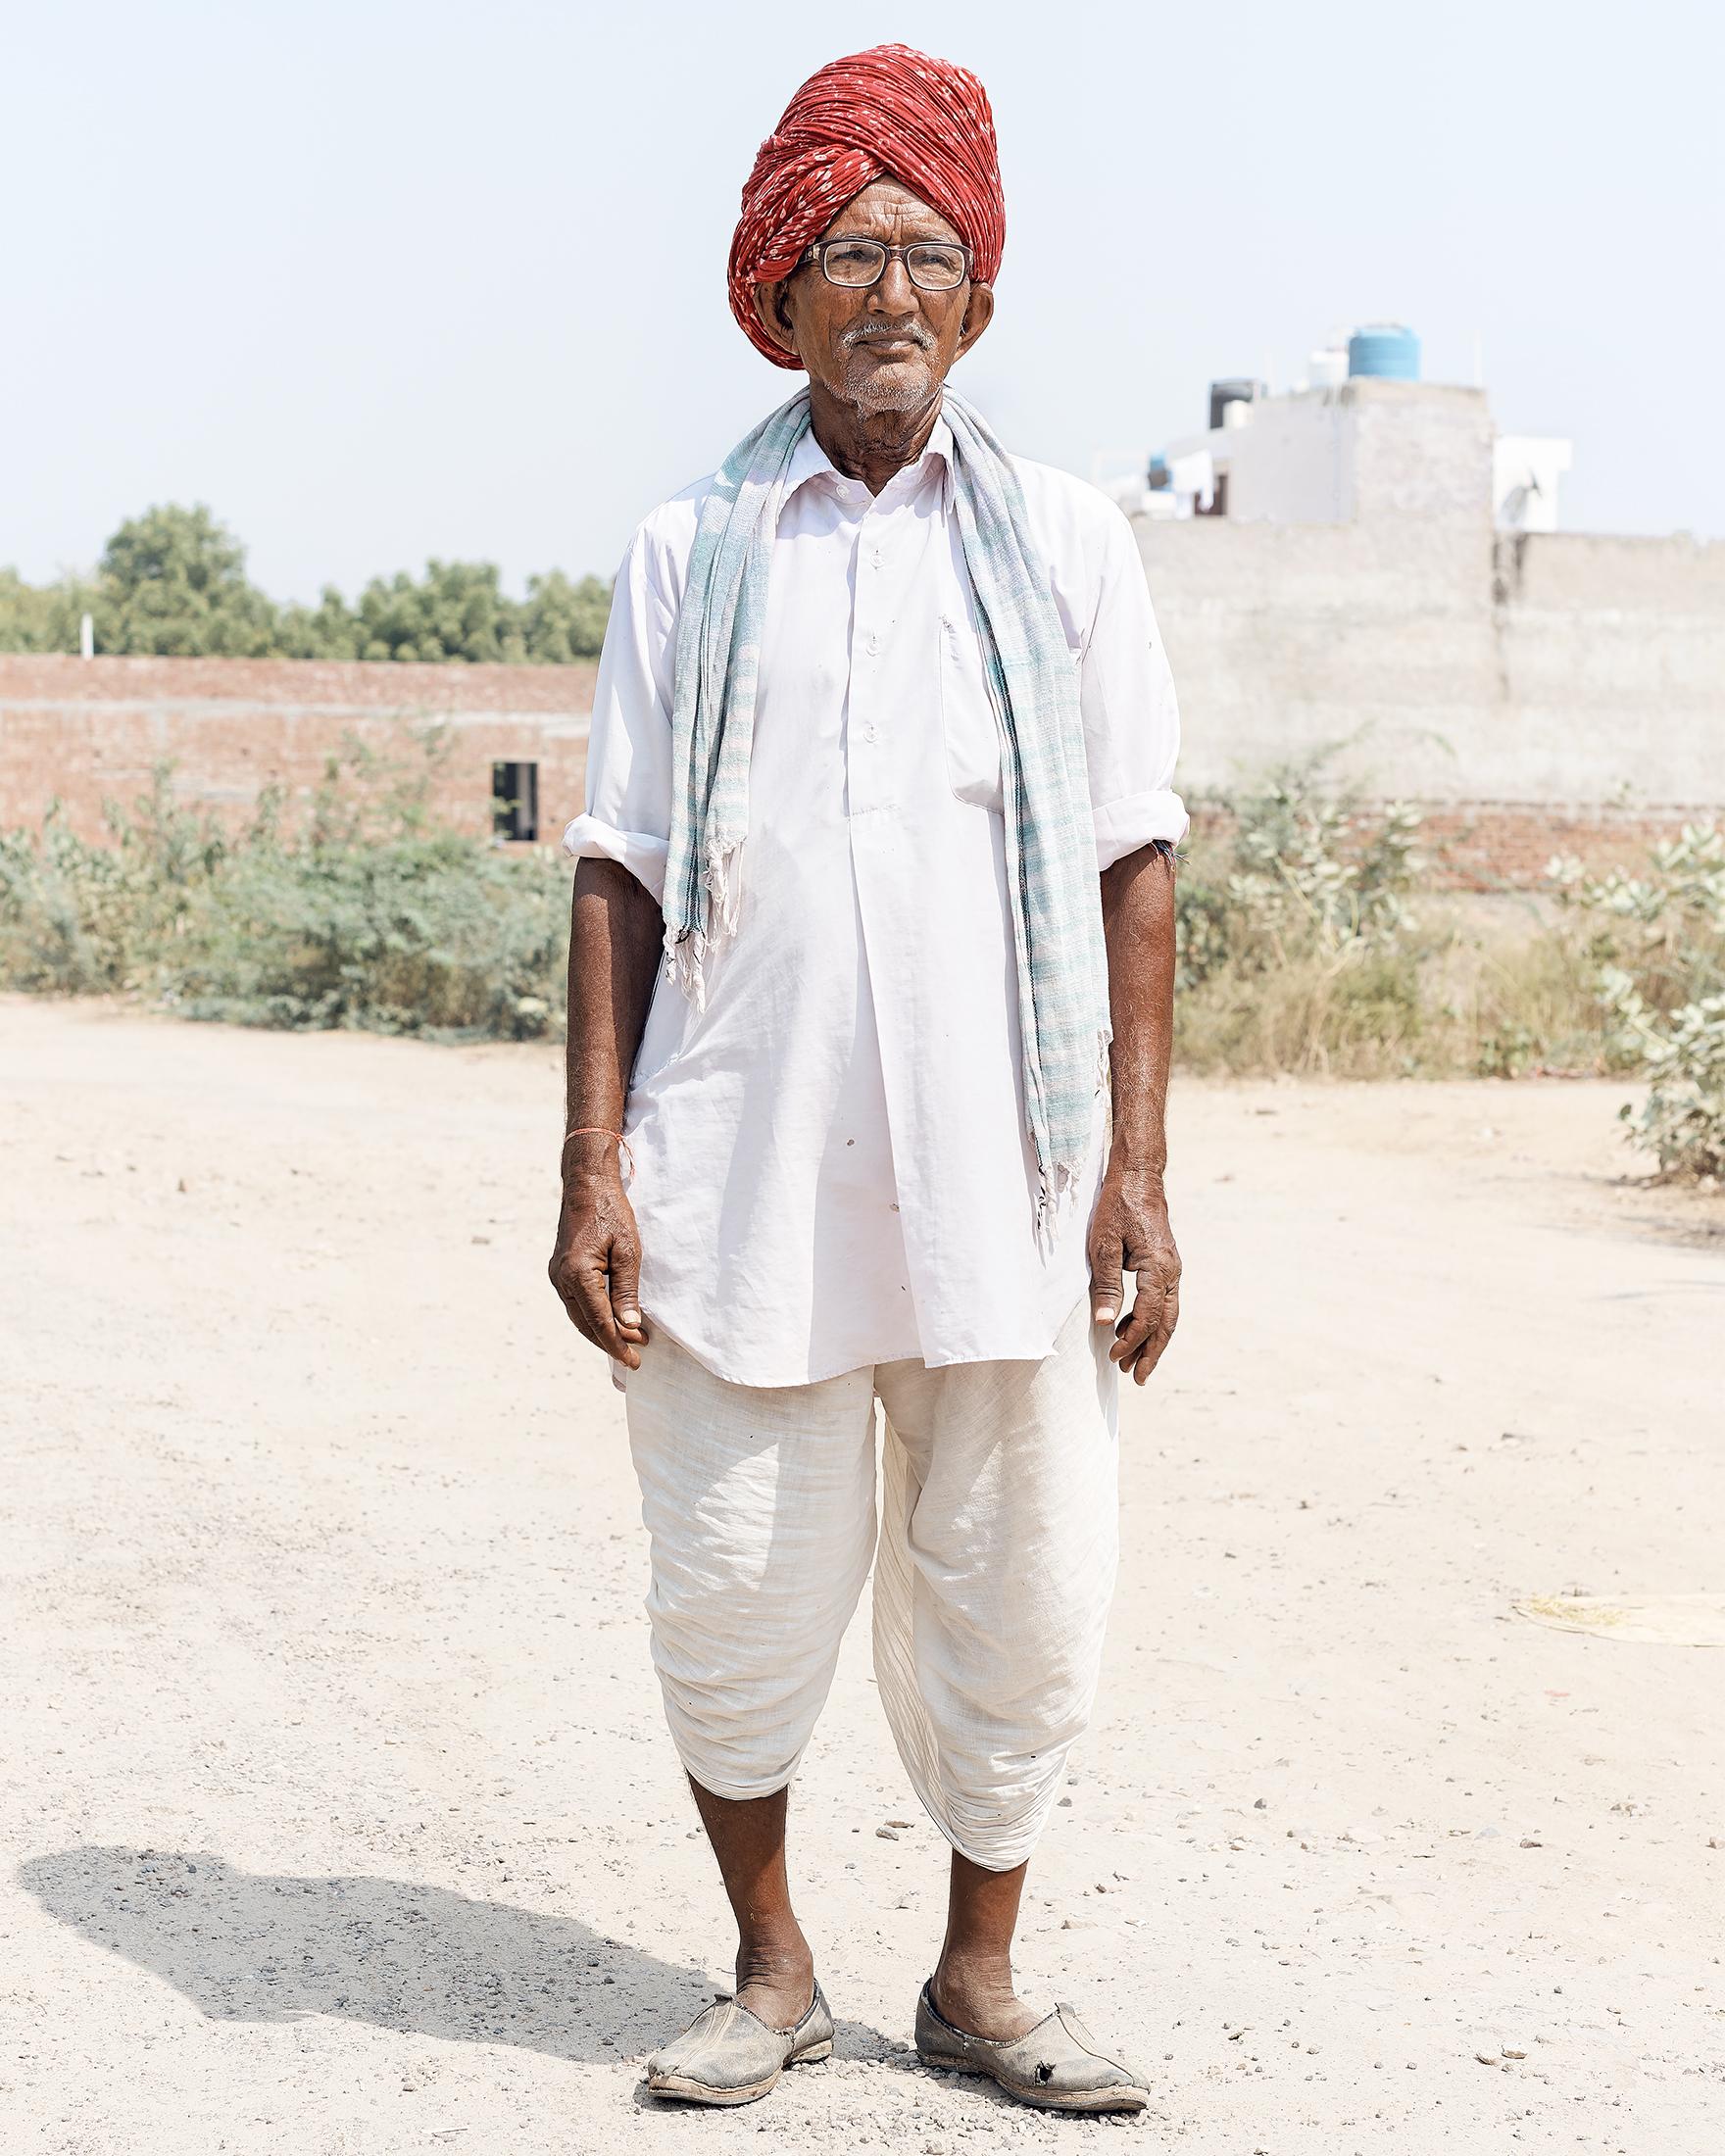 Local, Jaipur, India, 2017